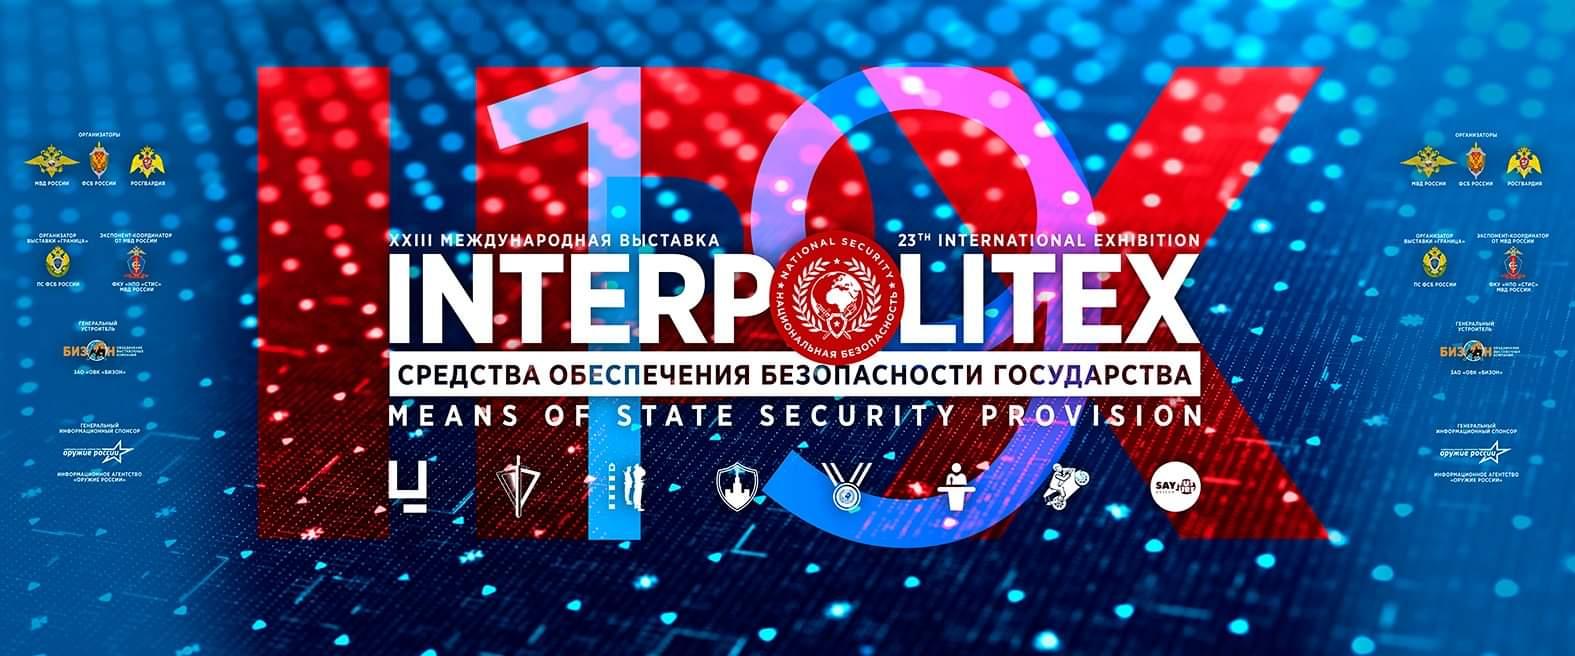 XXIII Международная выставка средств обеспечения безопасности государства 《INTERPOLITEX - 2019》 1